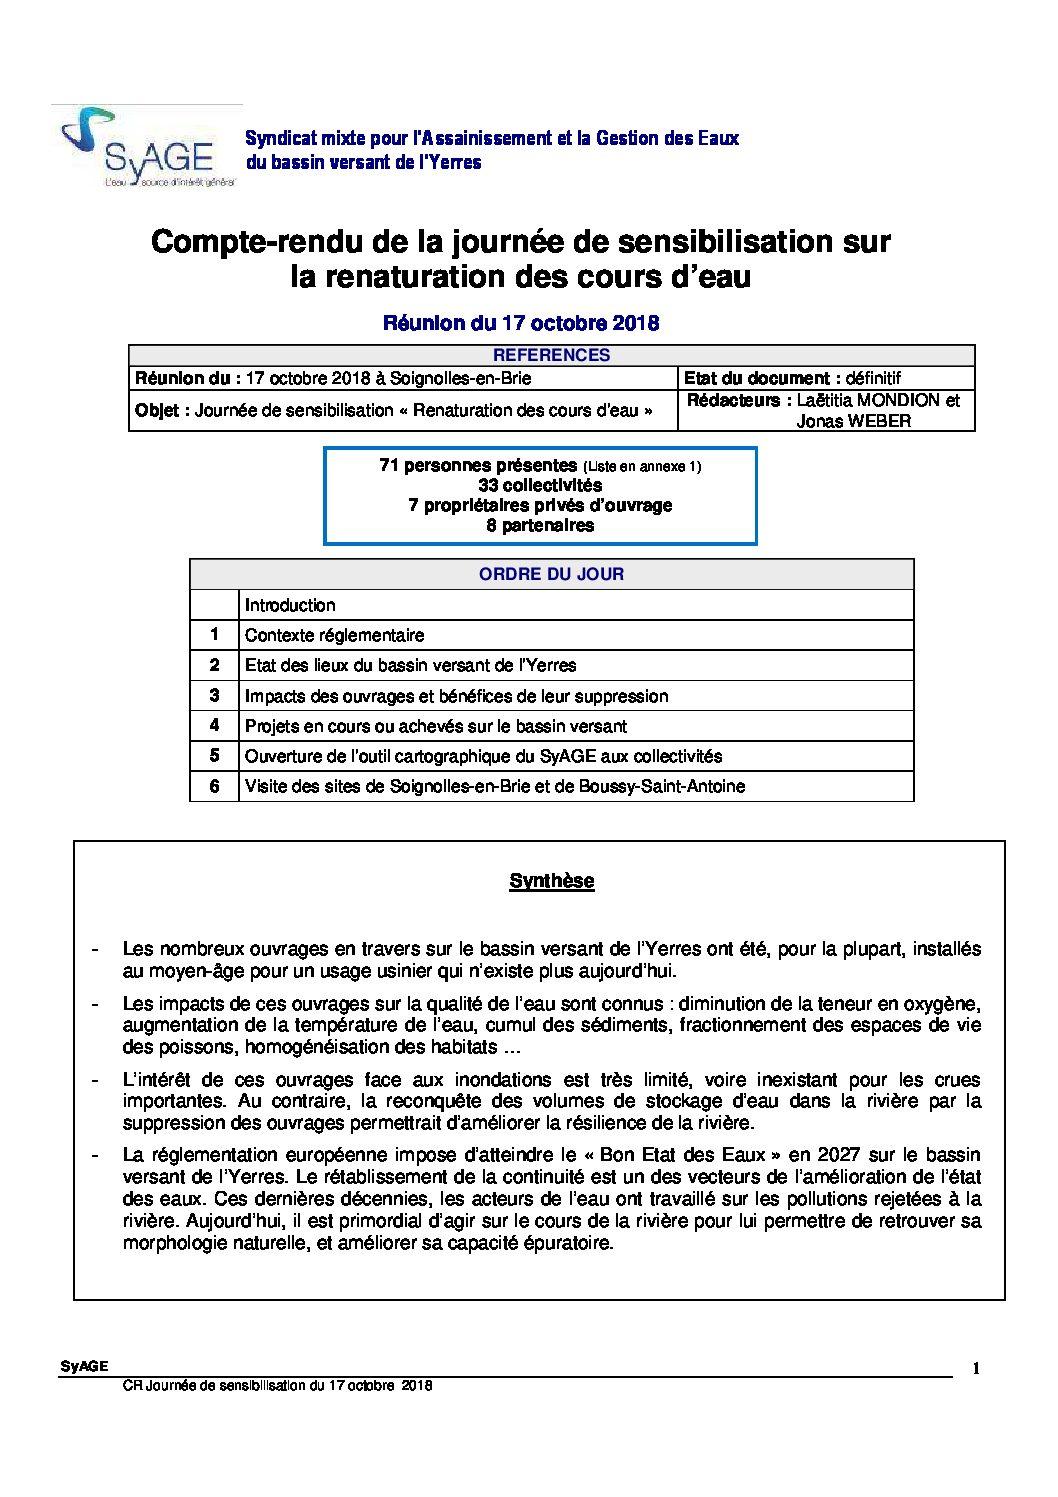 Réunion technique du 17 octobre 2018 sur la renaturation des cours d'eau